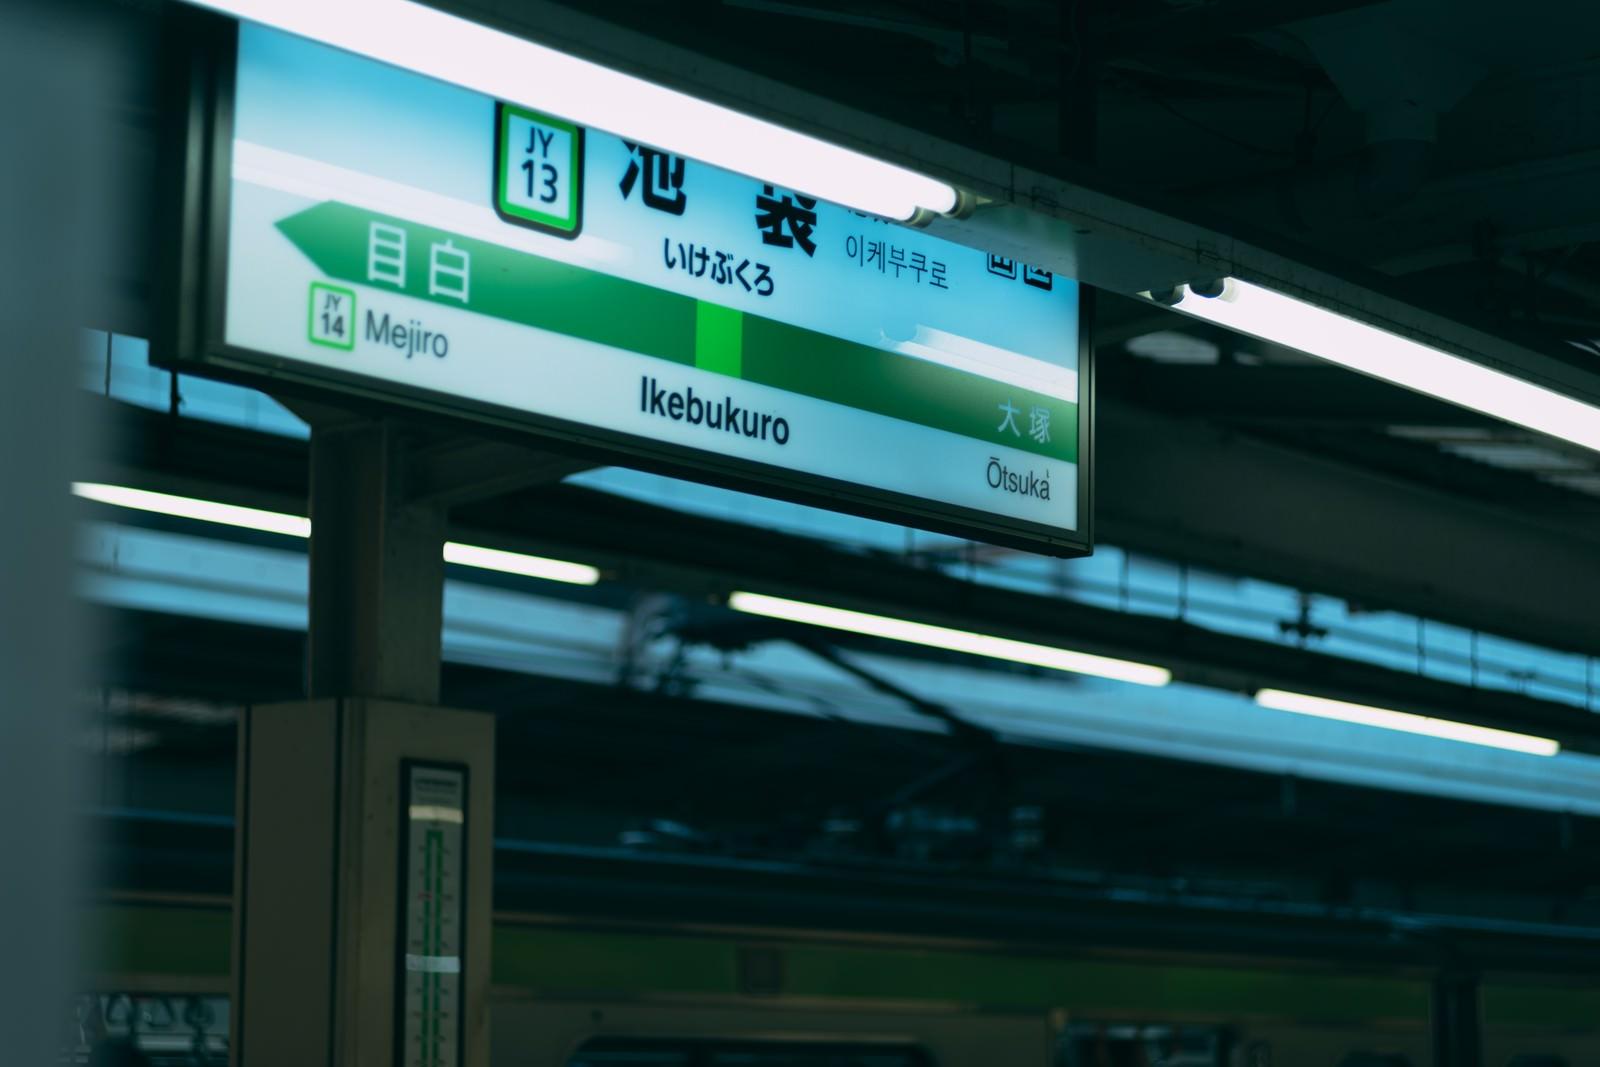 「山手線池袋駅の駅名標」の写真